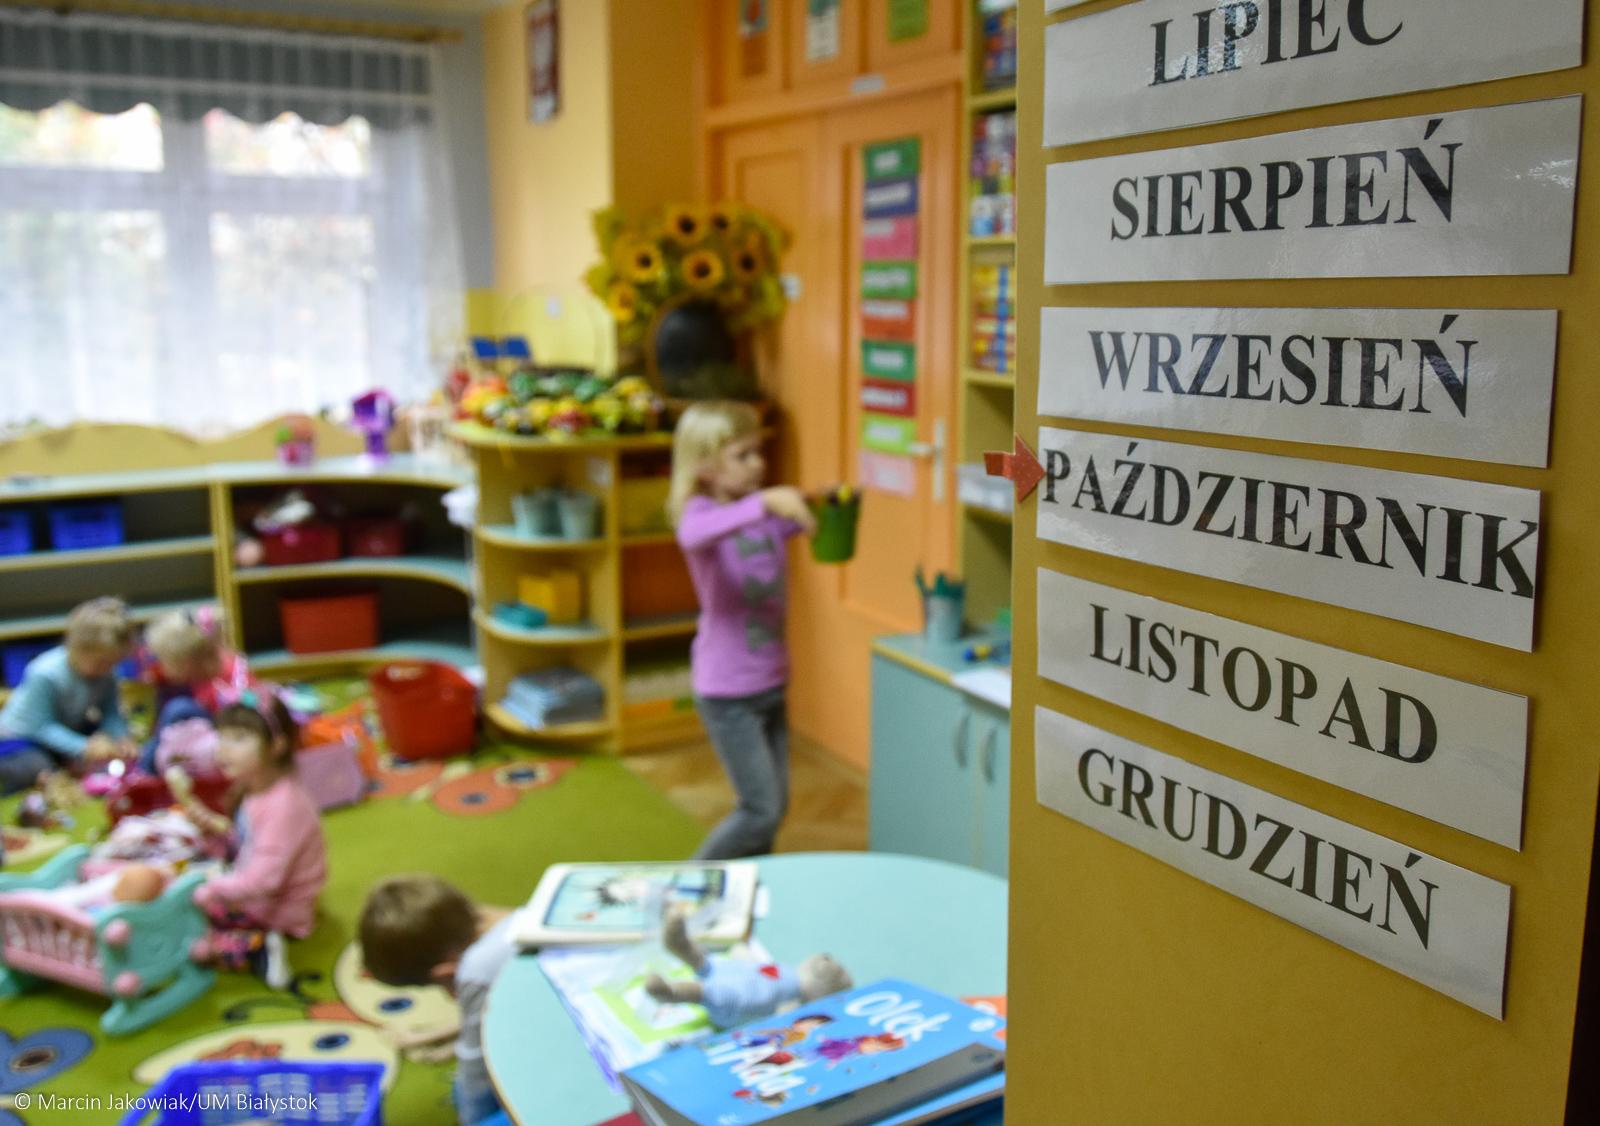 Dzieci bawią się w sali w przedszkolu. Po prawej stronie zdjęcia na ścianie przyczepione są kartoniki z nazwami miesięcy od lipca do grudnia